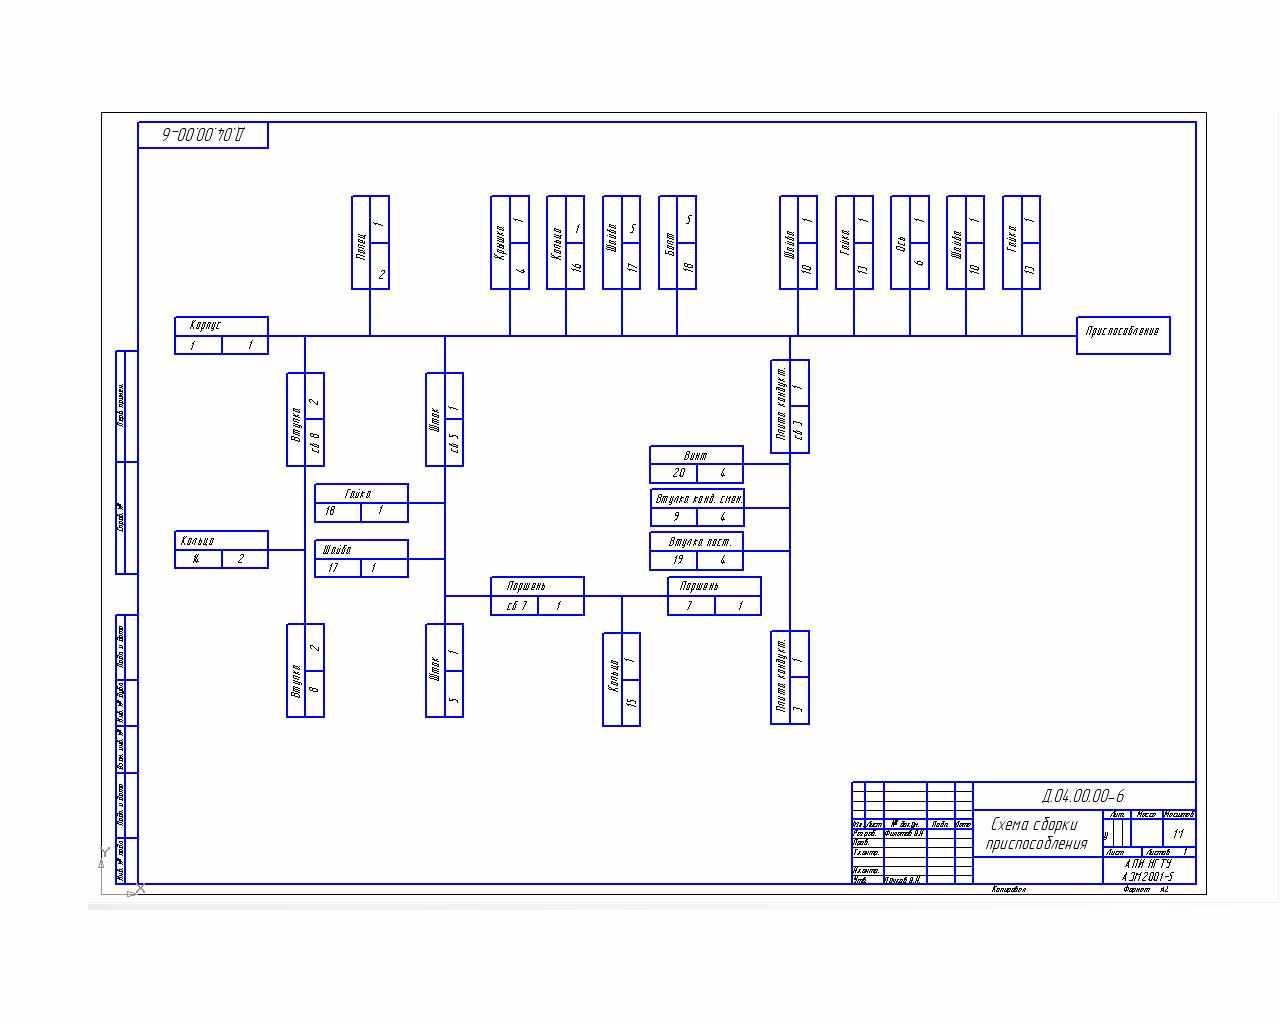 Дипломы → Дипломная работа на изготовление детали Фланец  Тип товара Товар в виде файла Свойство товара Универсальный товар Продаж 2